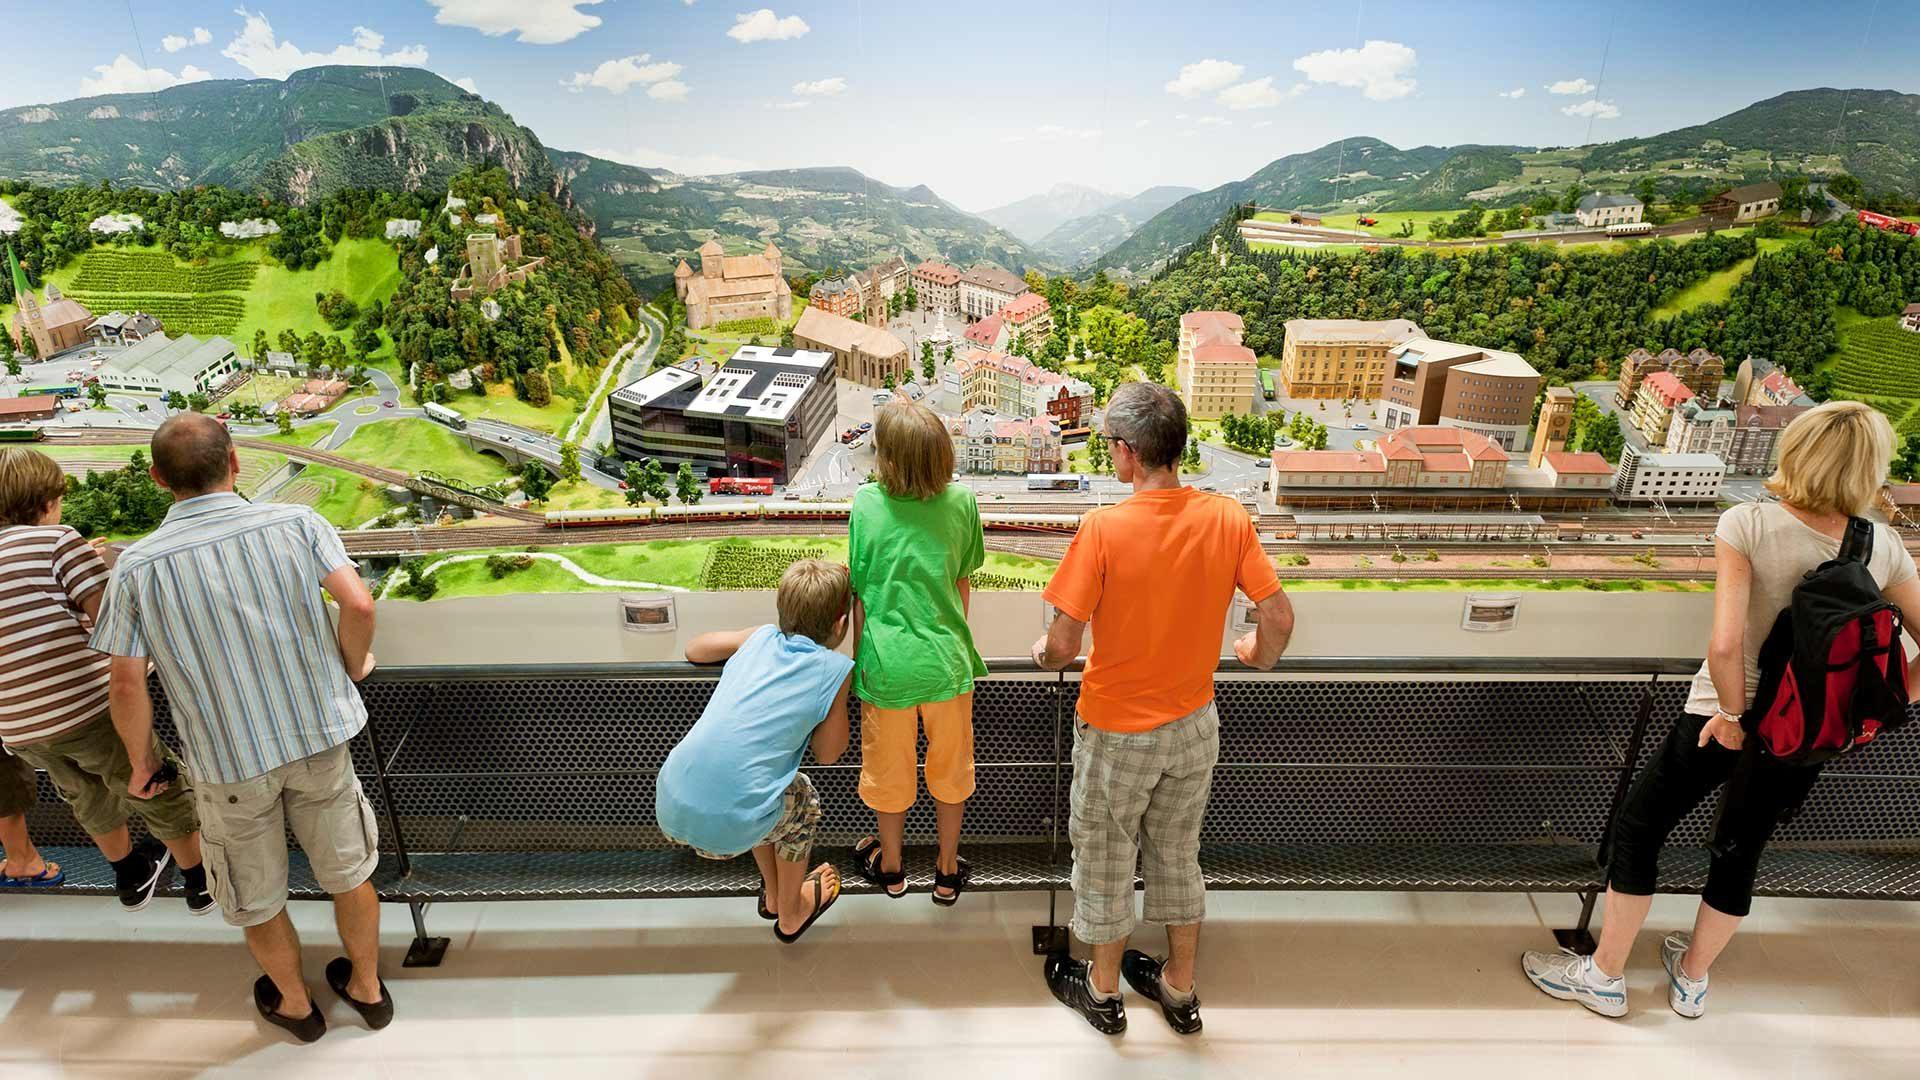 Paesaggio in miniatura dell'Alto Adige